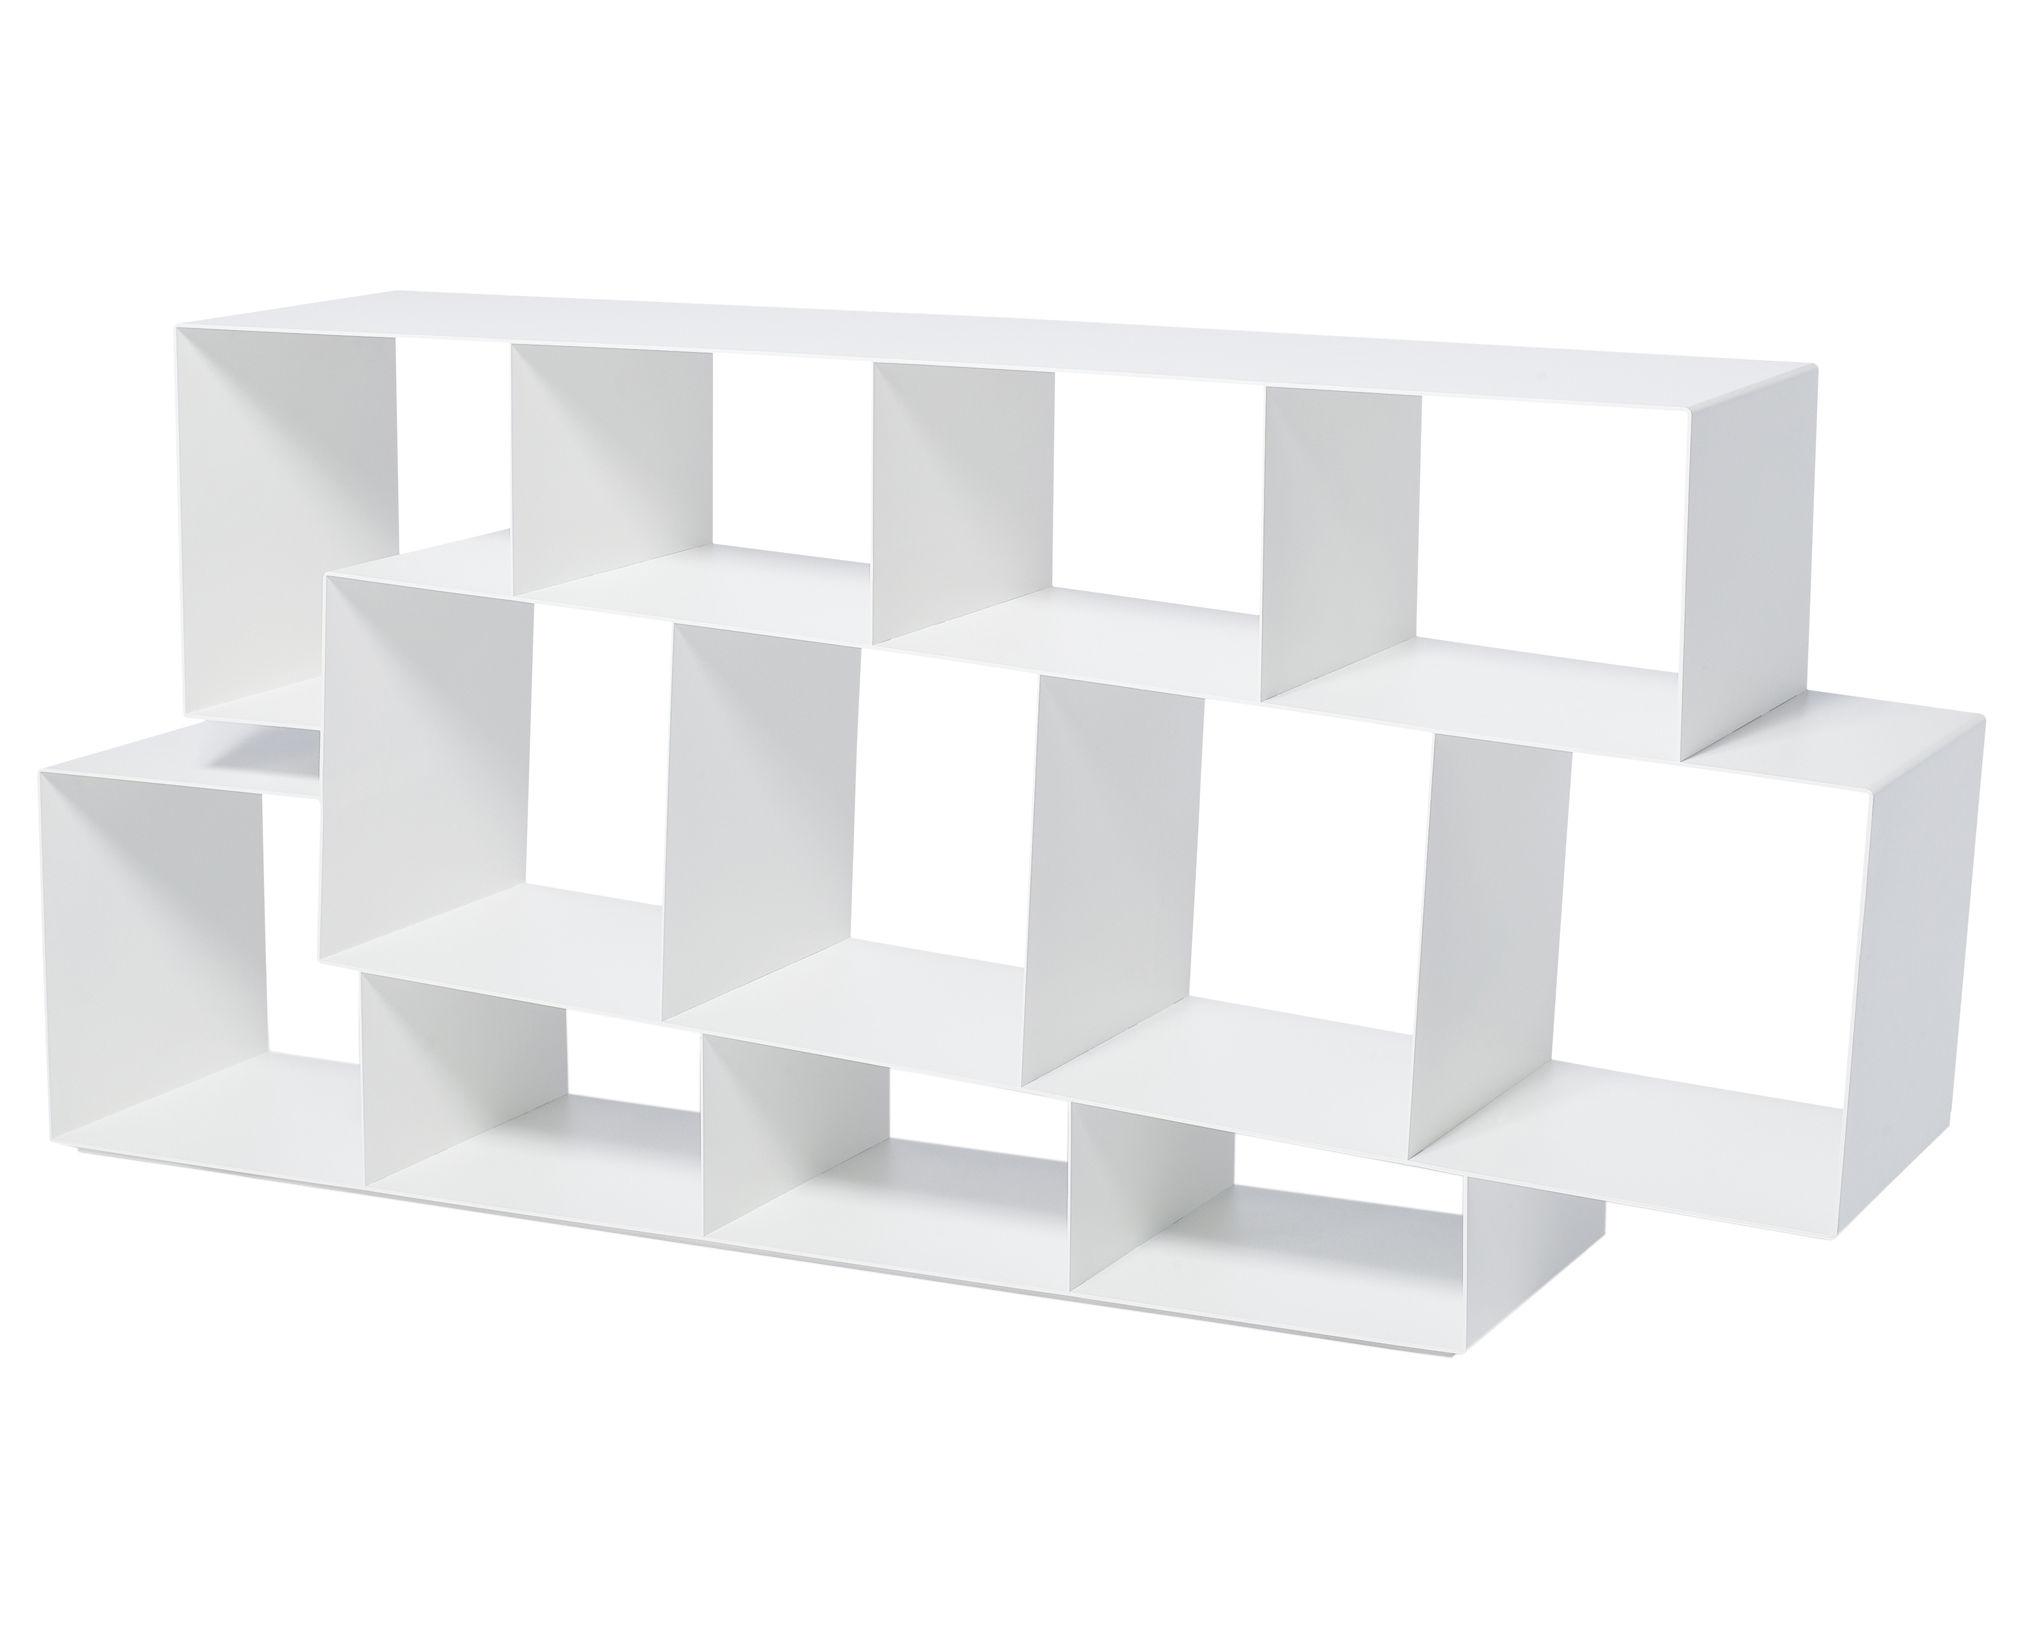 Mobilier - Etagères & bibliothèques - Bibliothèque Squilibri L 160 cm x H 73 cm - Skitsch - Blanc - Métal laqué